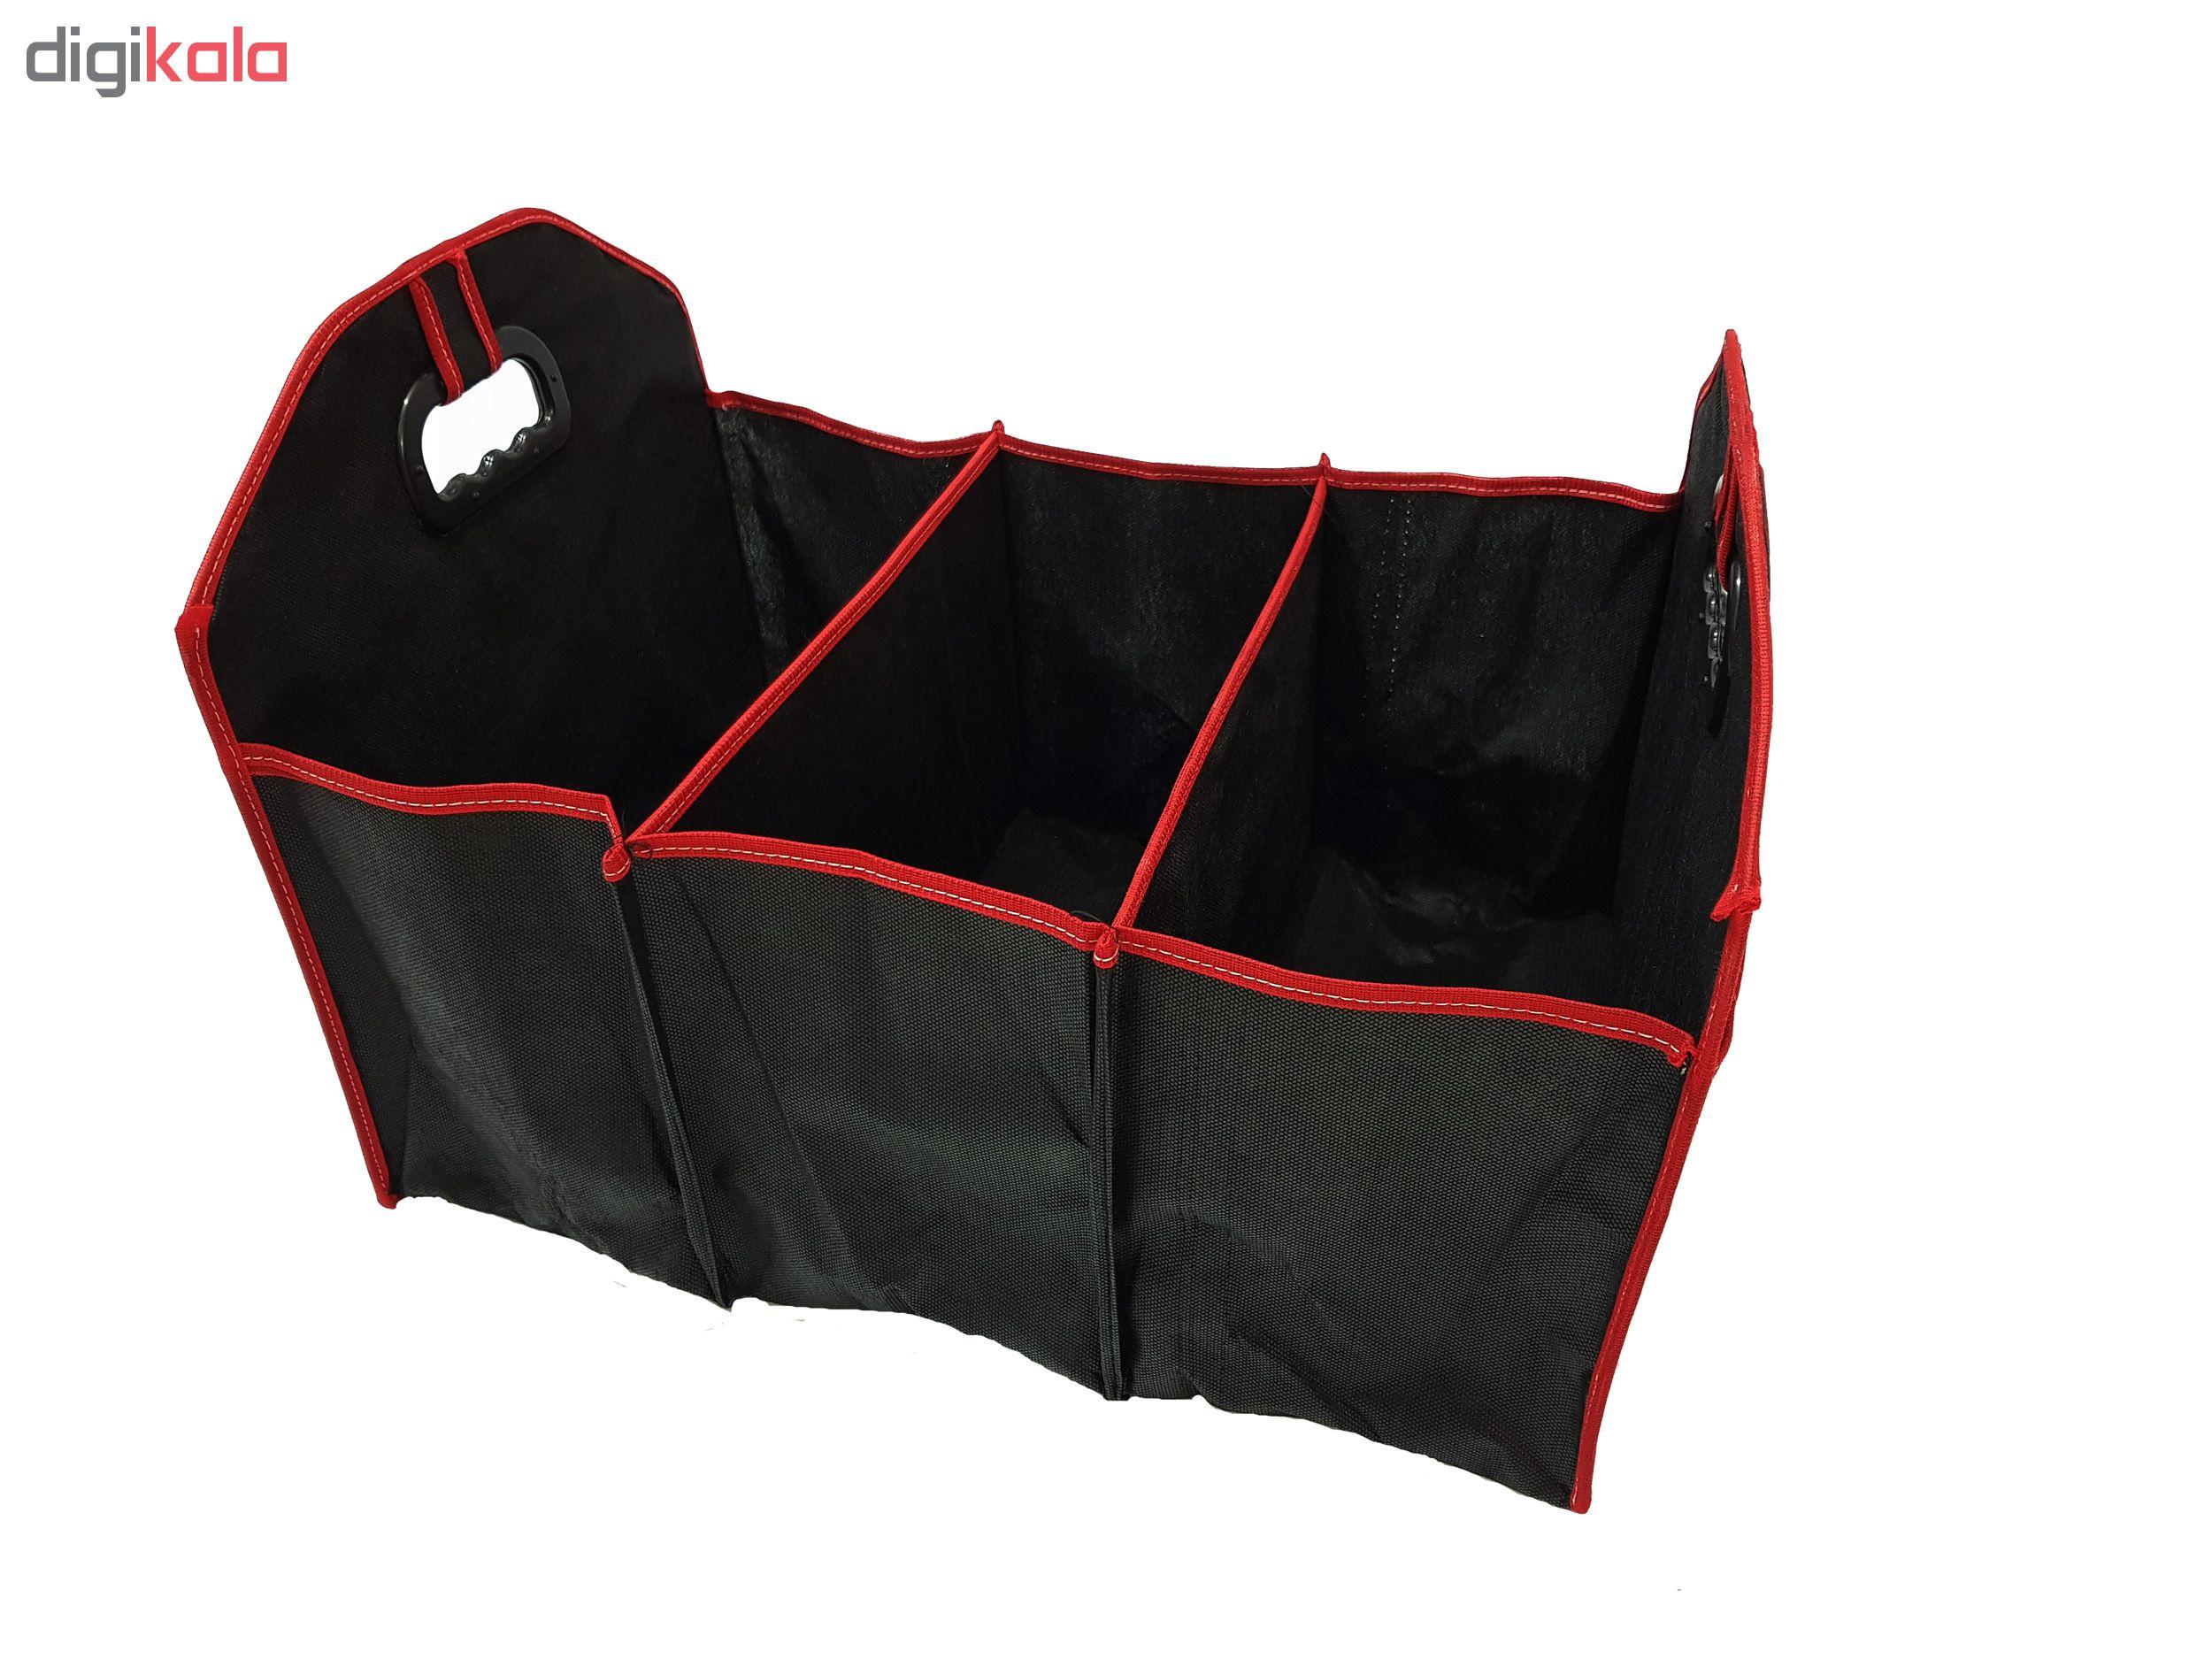 باکس صندوق عقب خودرو با نوار قرمز مدل R-220